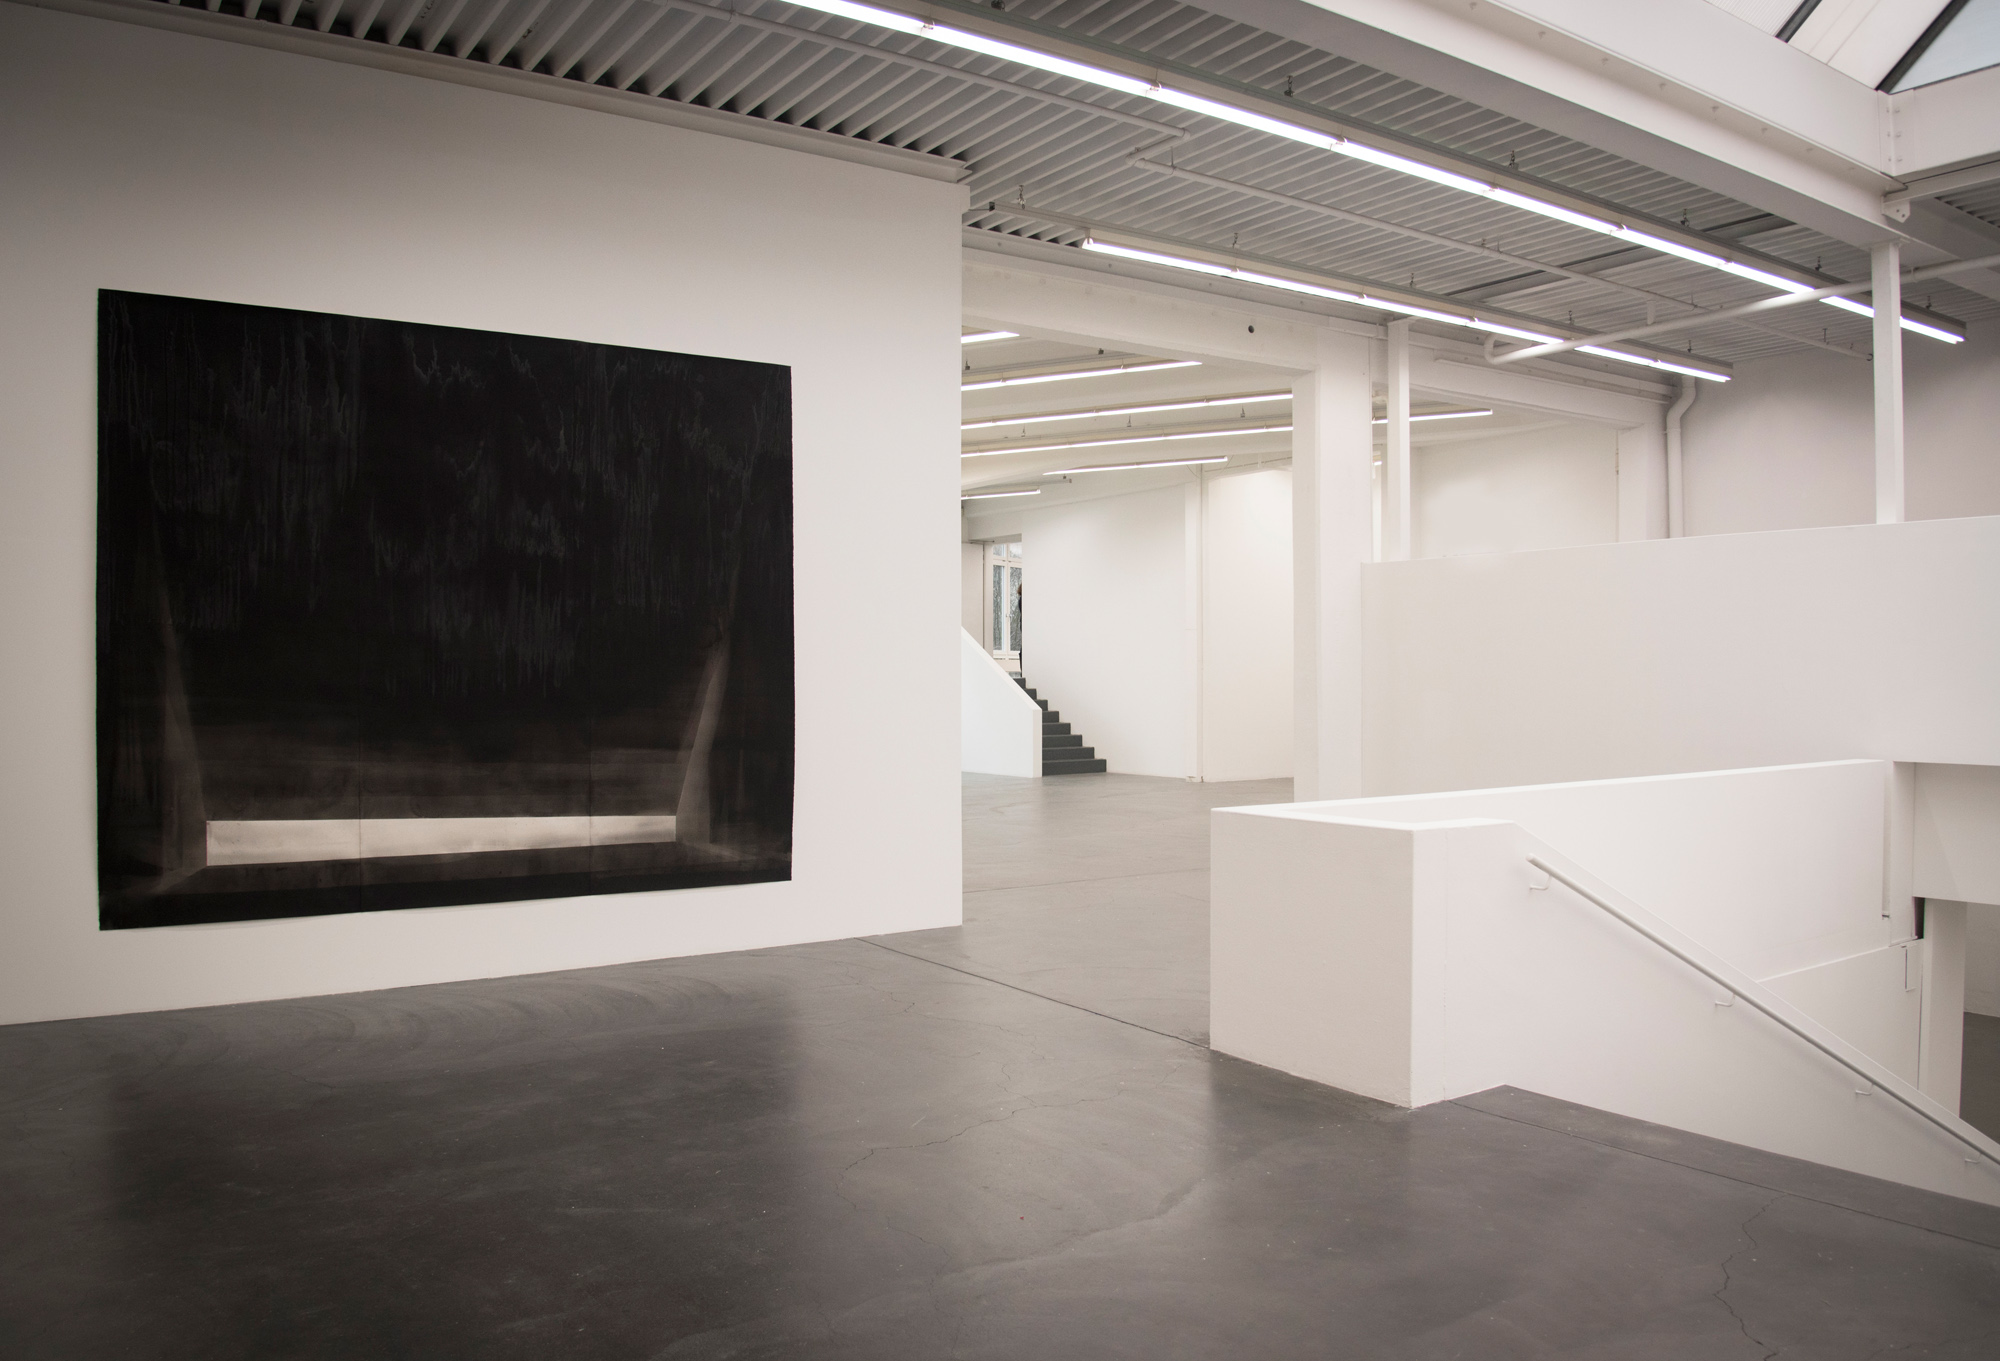 Als wäre es schon immer da gewesen: Hauris Kunst passt wie angegossen ins Kunsthaus Baselland.